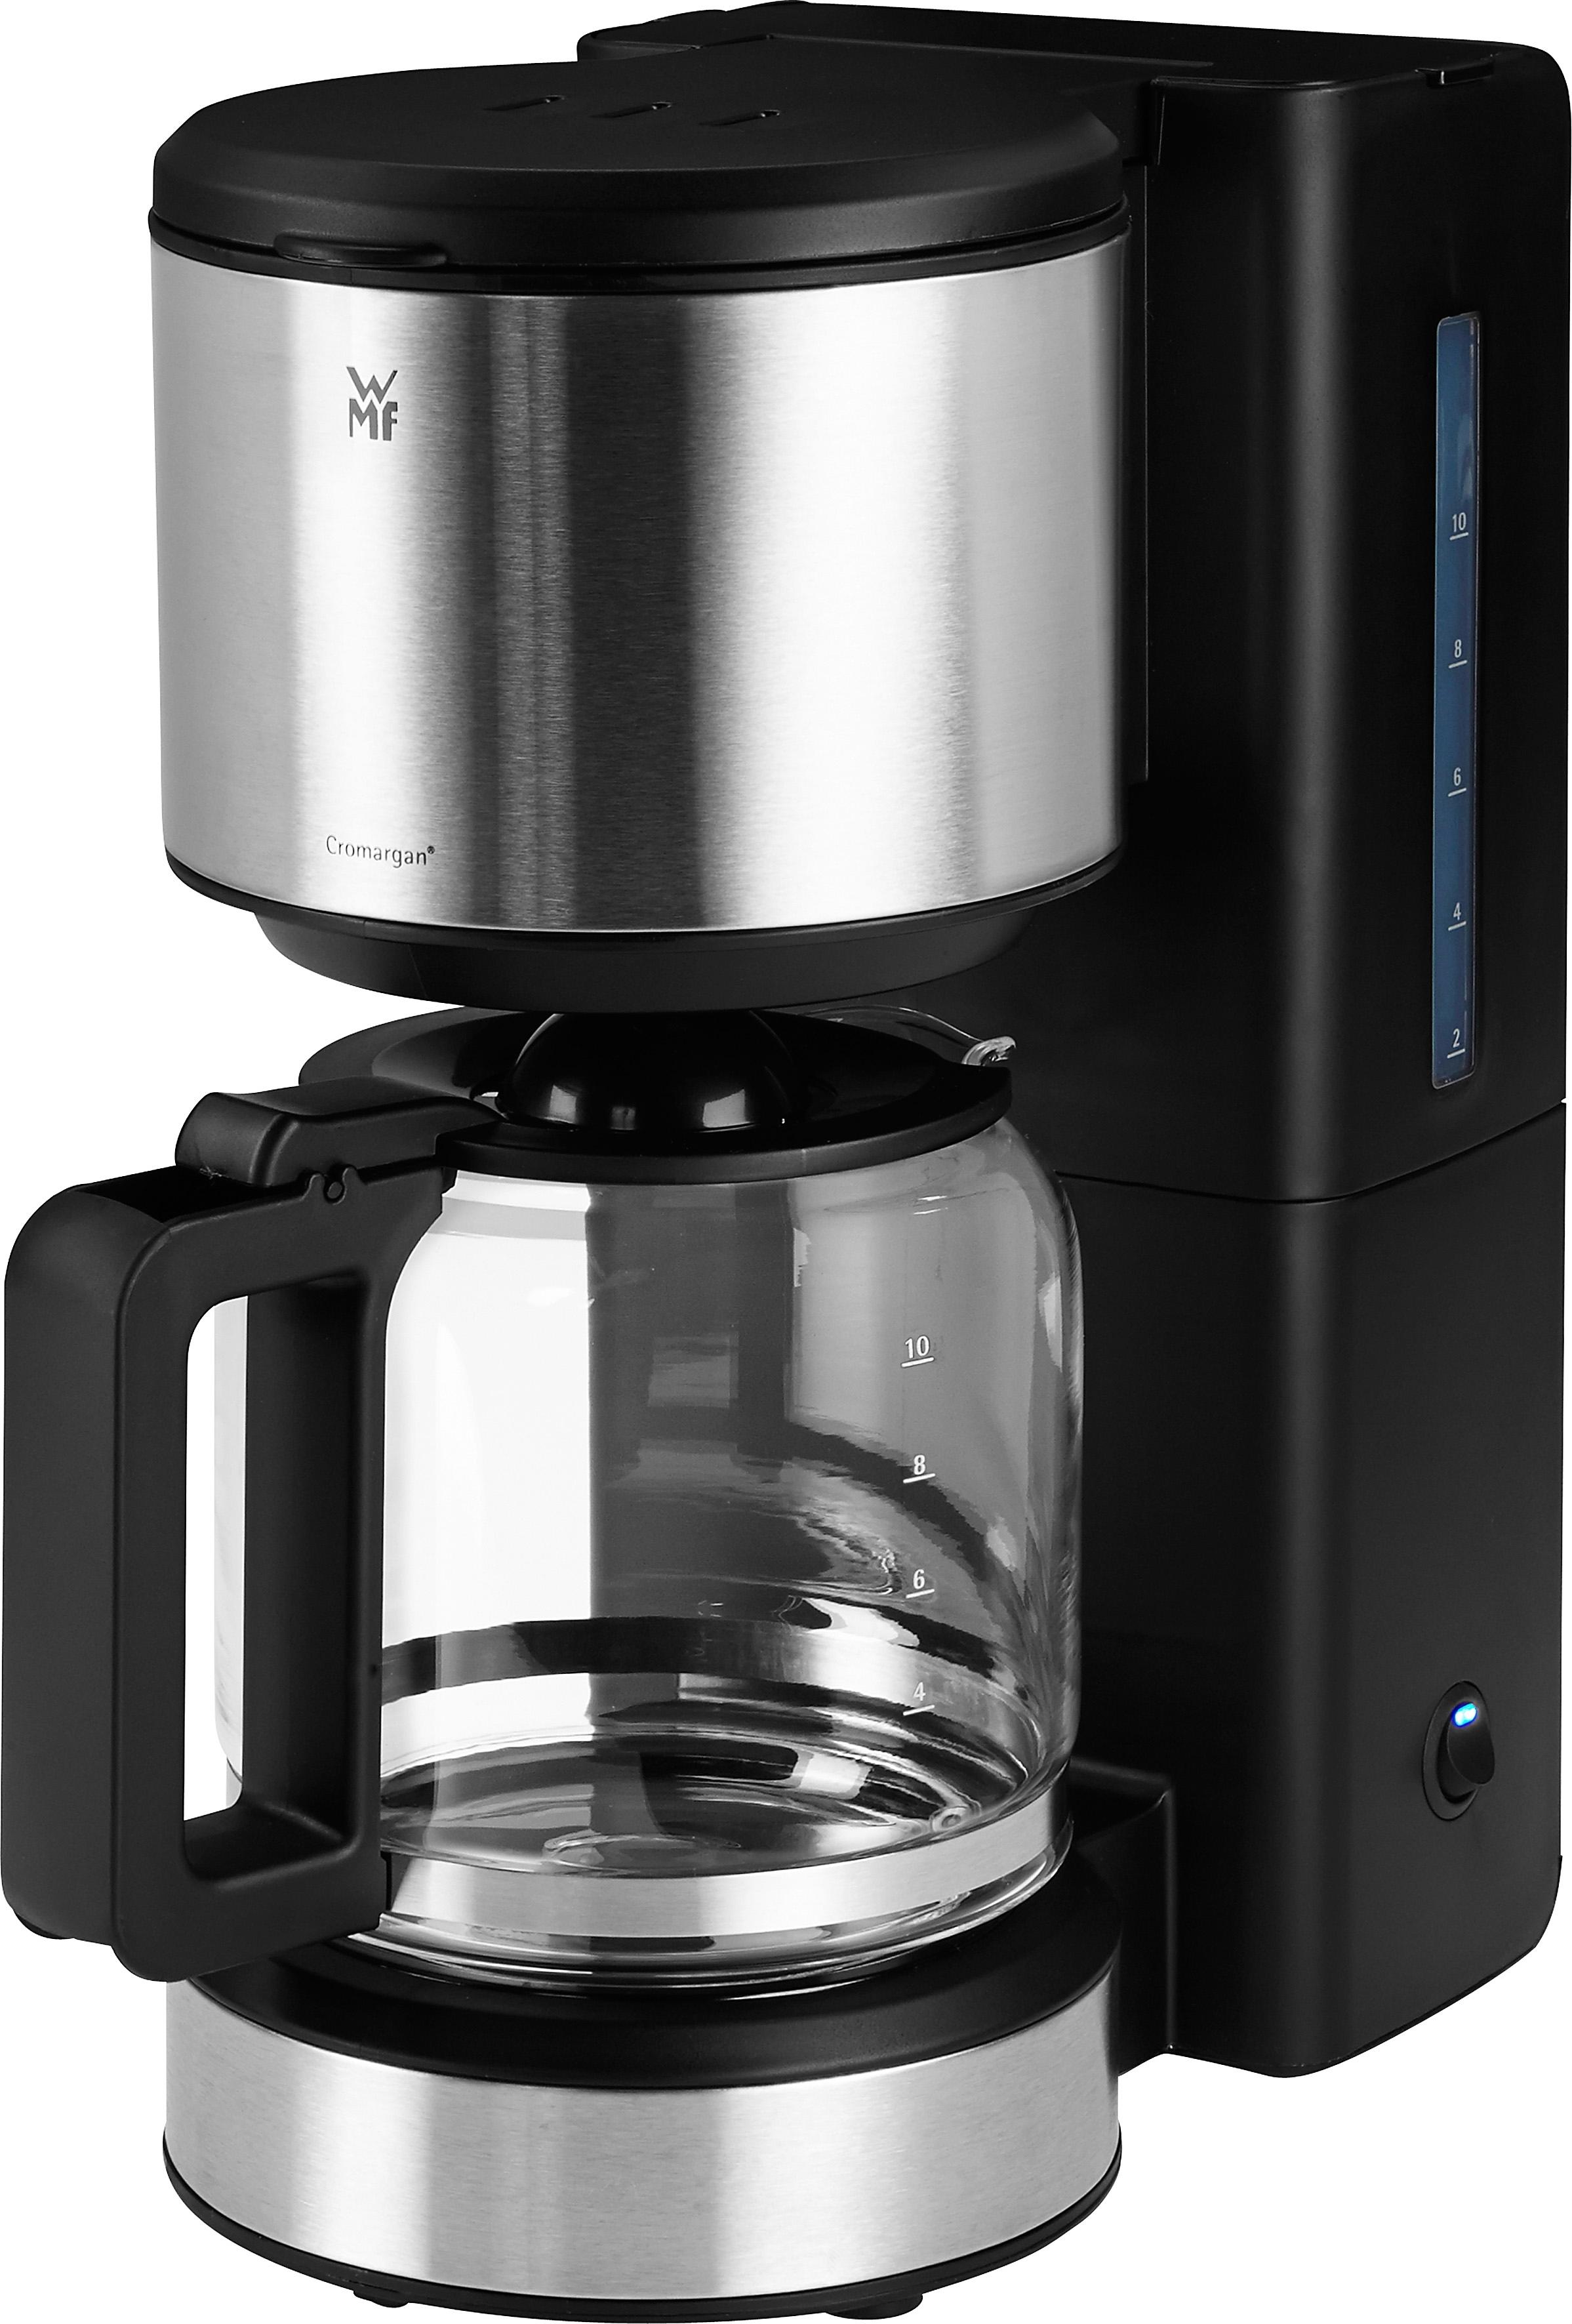 WMF koffiezetapparaat Stelio Aroma, 1,25 l-kan voordelig en veilig online kopen